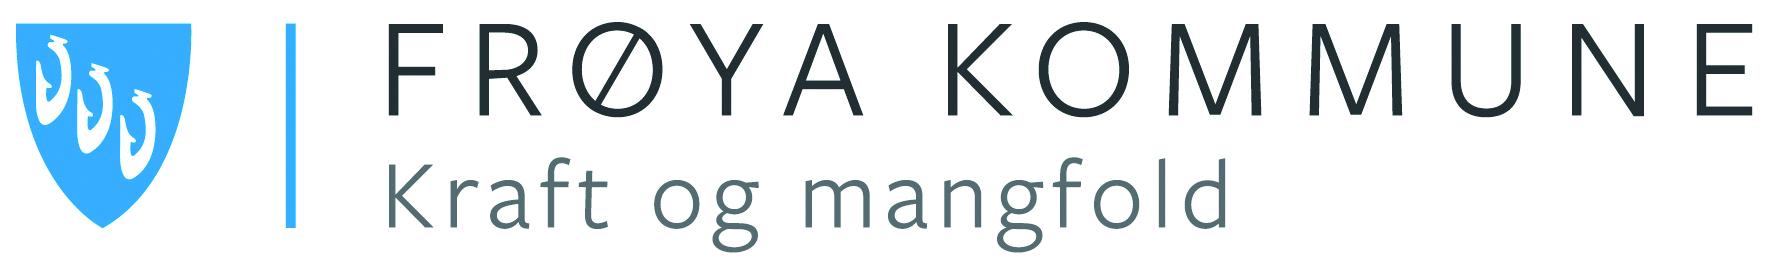 Stor - Frøya kommune logo orginal.jpg